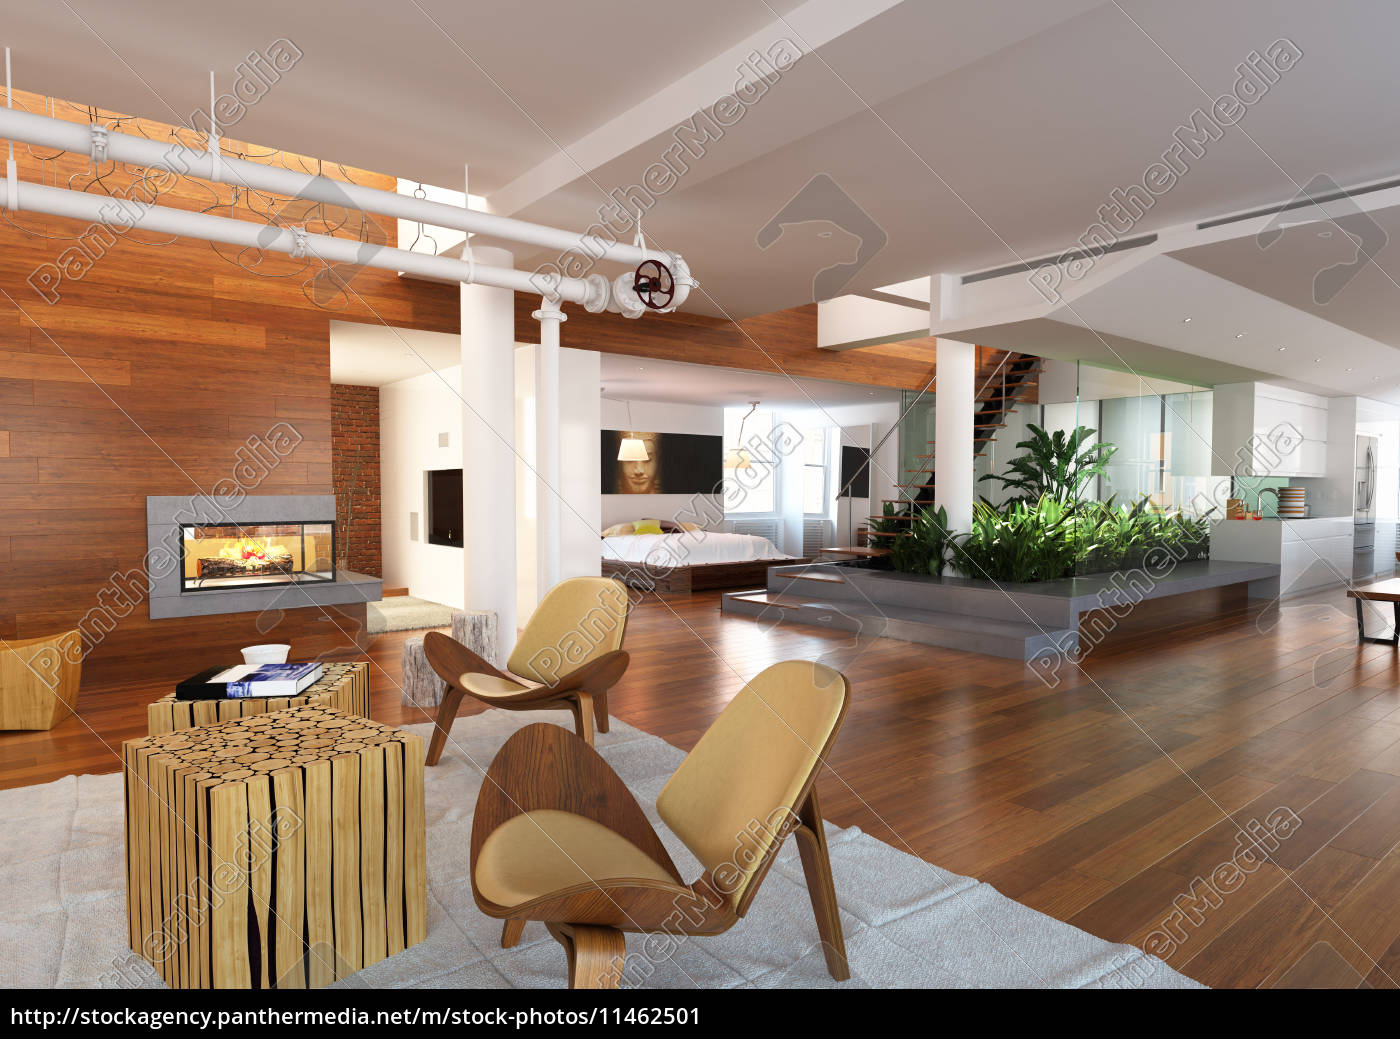 Modernes Haus mit Wohnzimmer, Schlafzimmer und Küche - Lizenzfreies ...